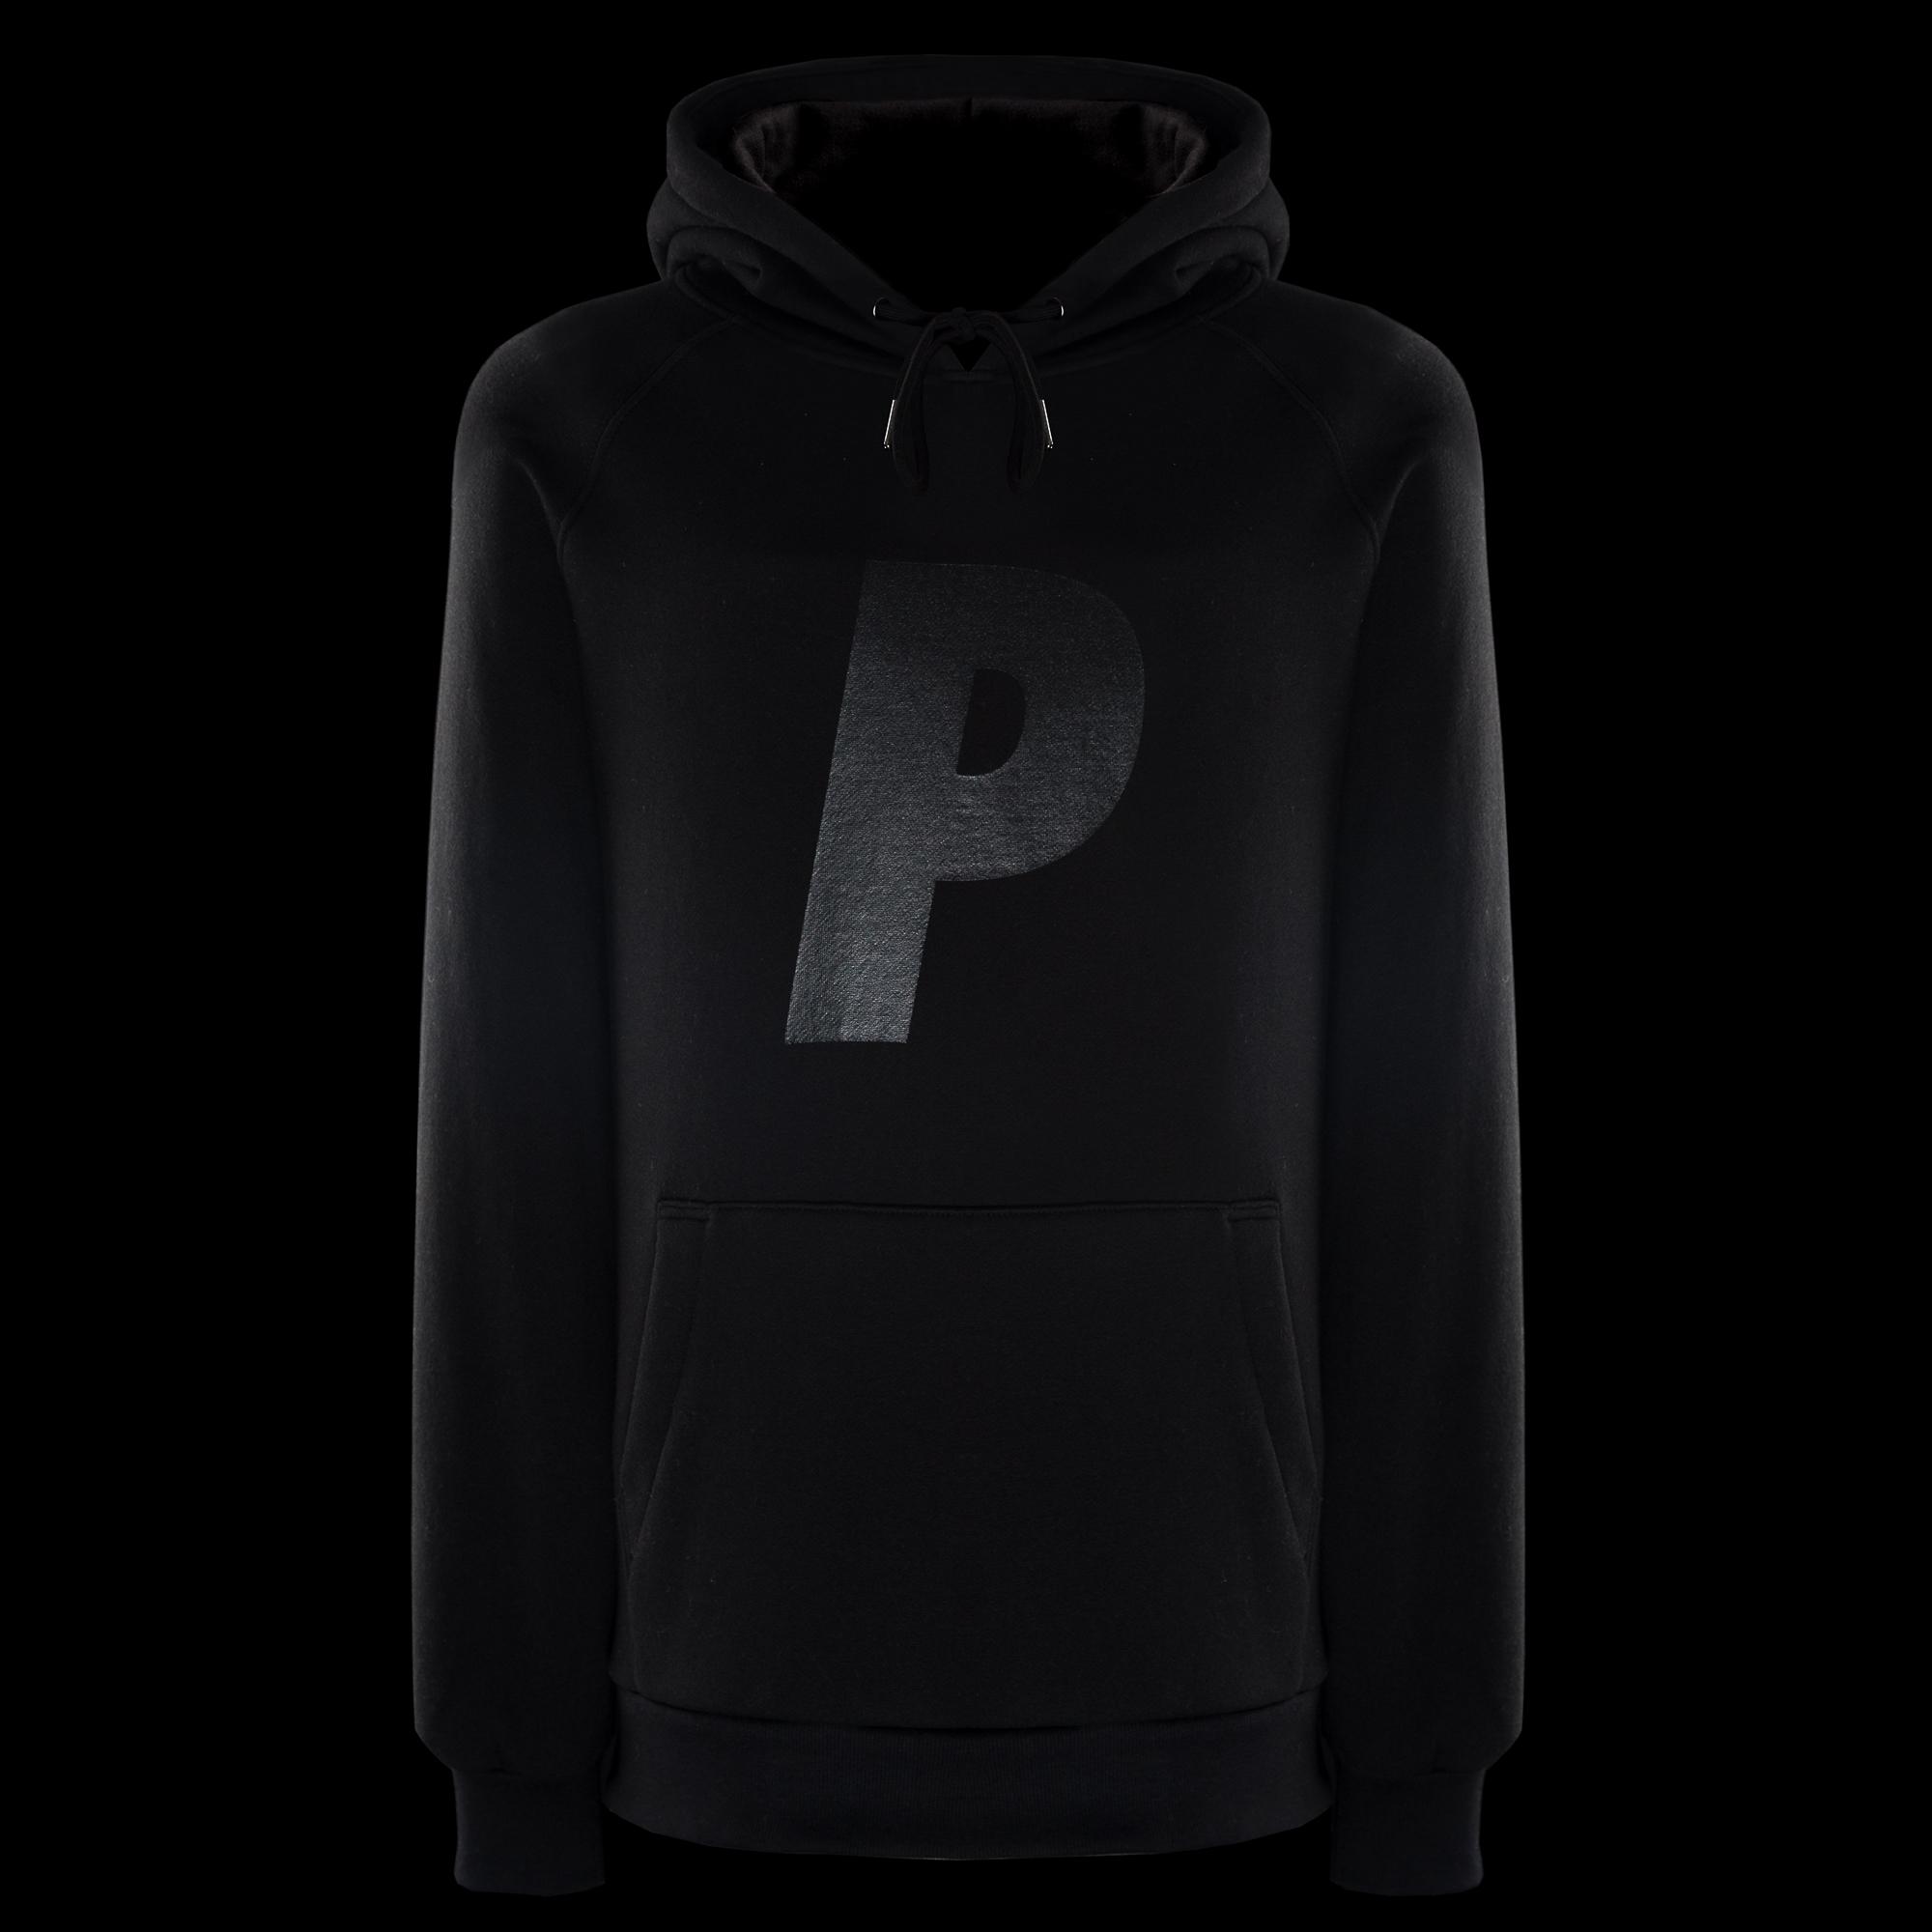 BLACK - POU BANNER-Edit.JPG